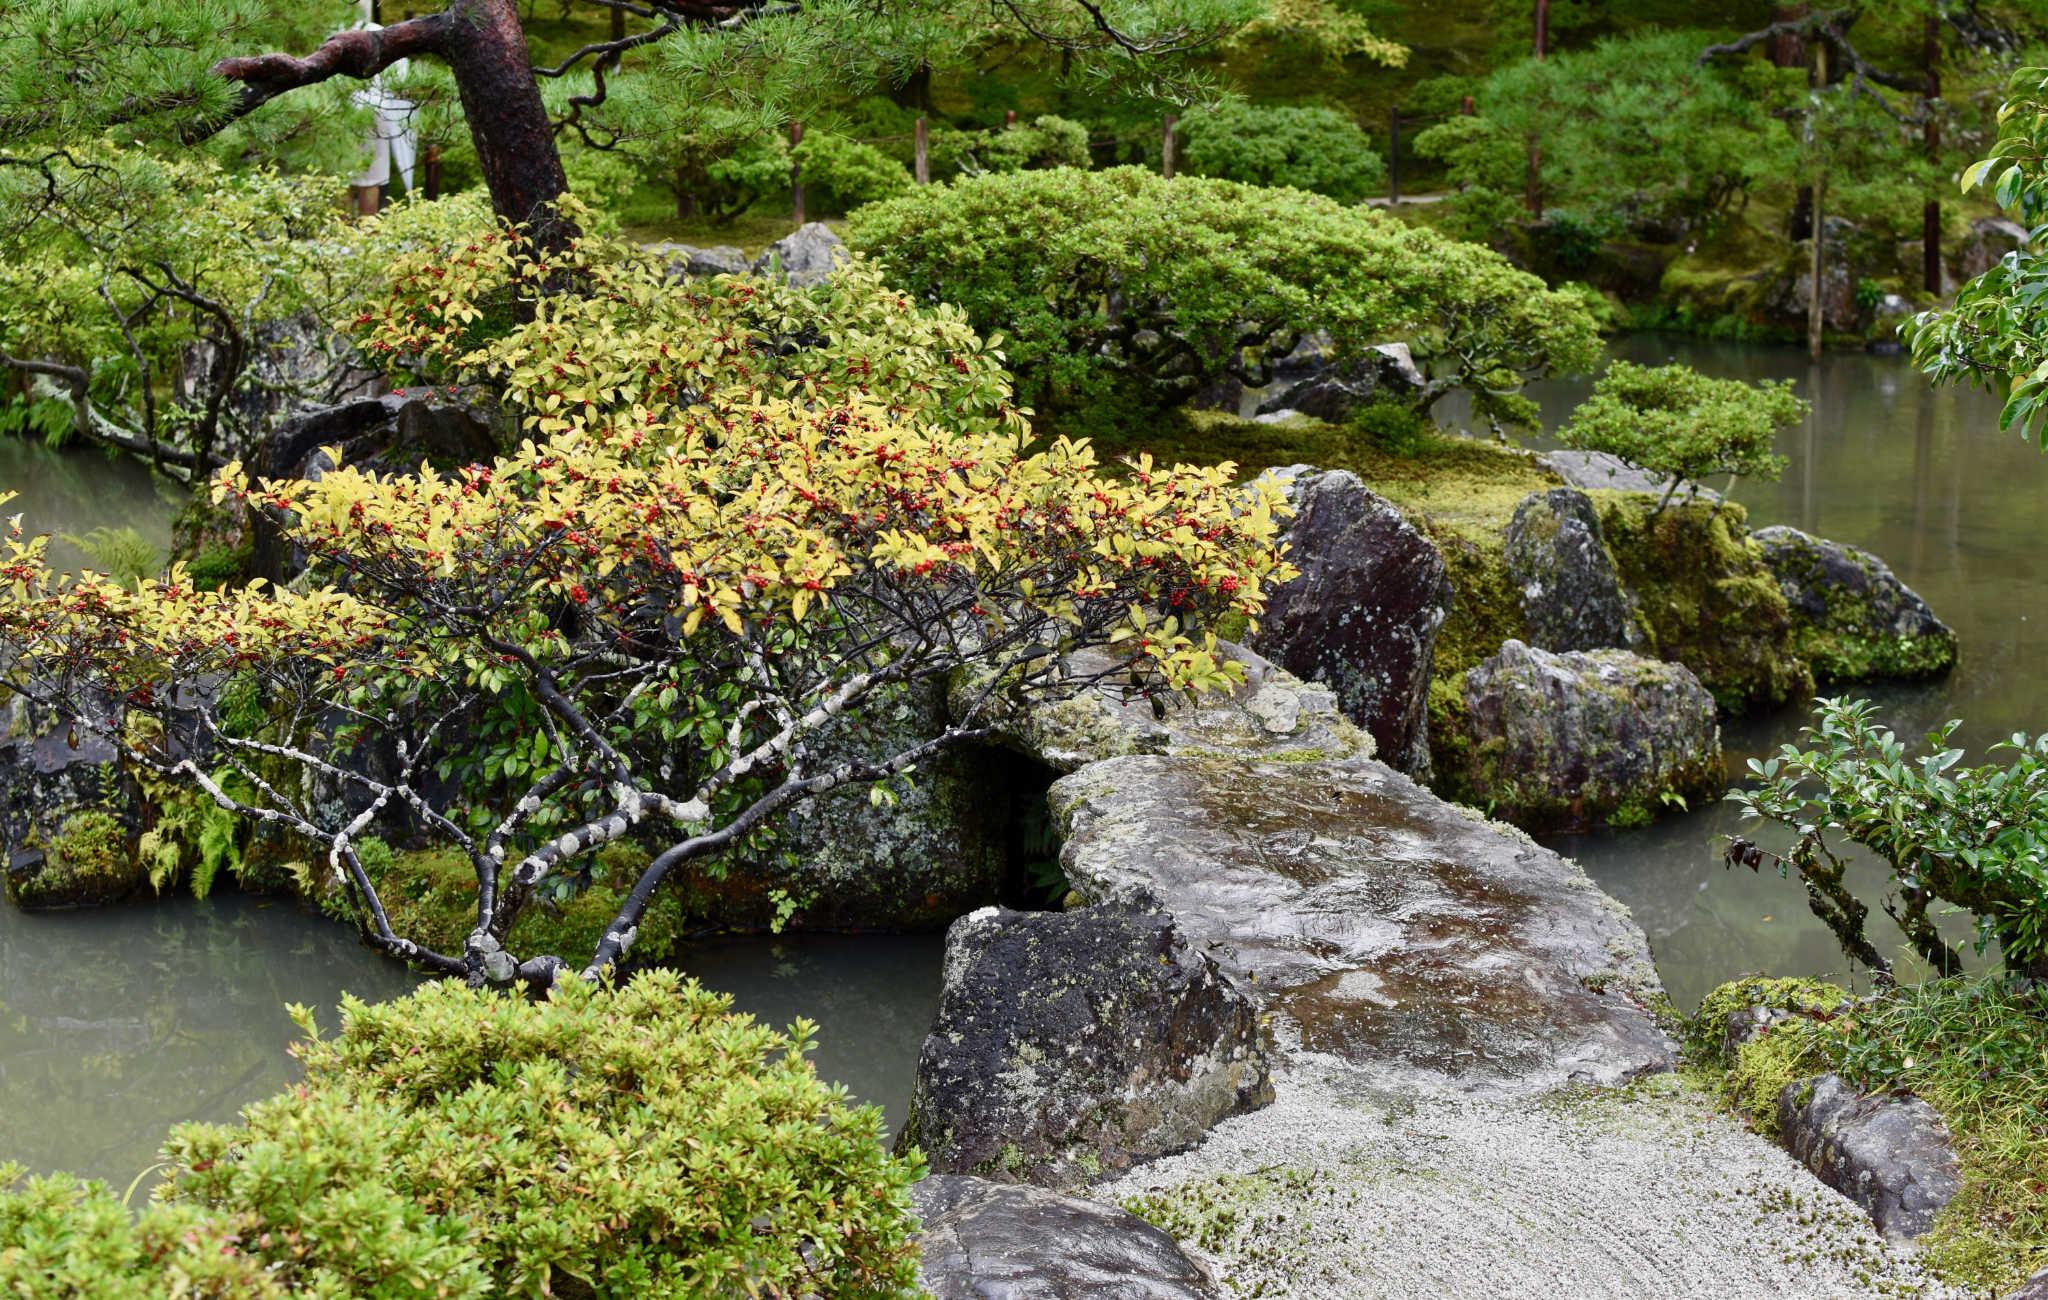 Végétation et roche se mèlent pour le plaisir des yeux